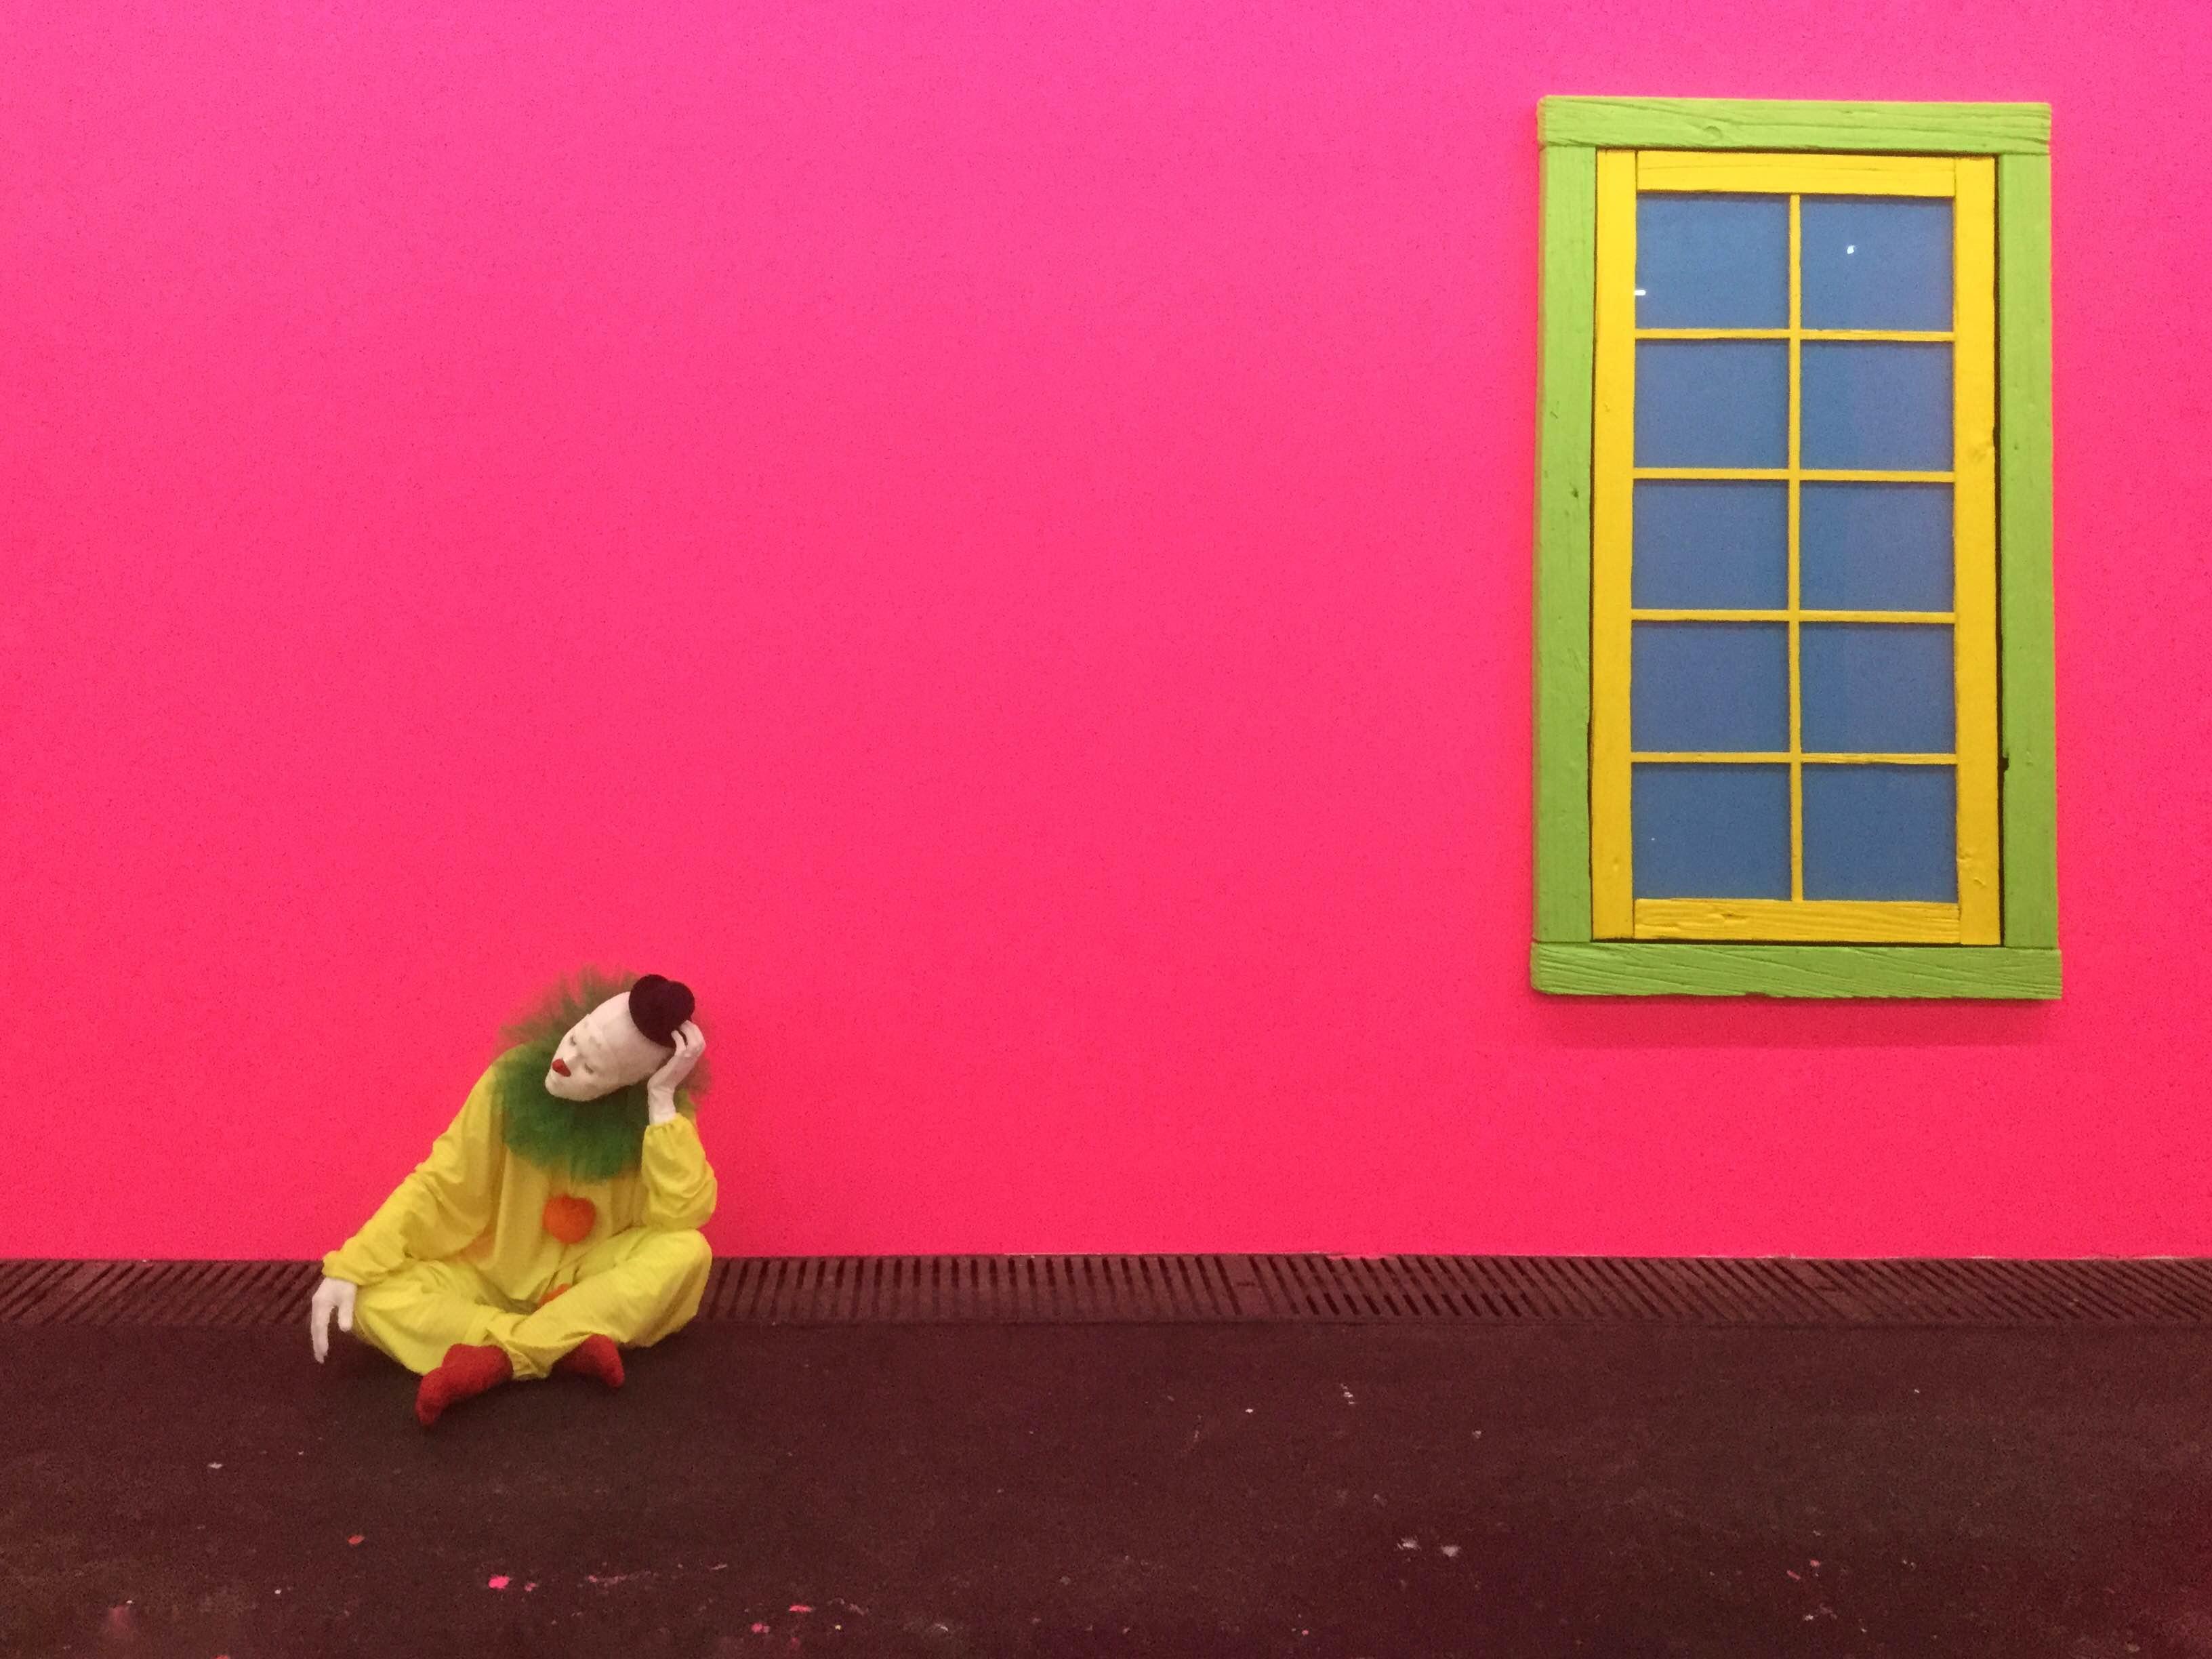 Ugo Rondinone: l'angustia della solitudine umana1° Parte